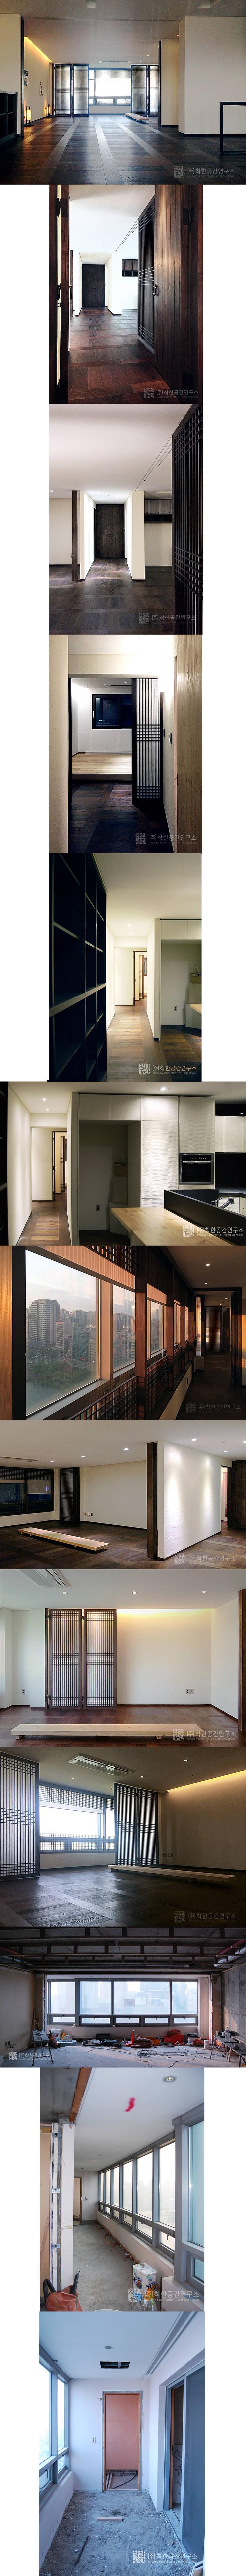 잠실 현대레이크빌 리모델링 - 미니멀 한옥 컨셉의 디자인: 주식회사 착한공간연구소의  거실